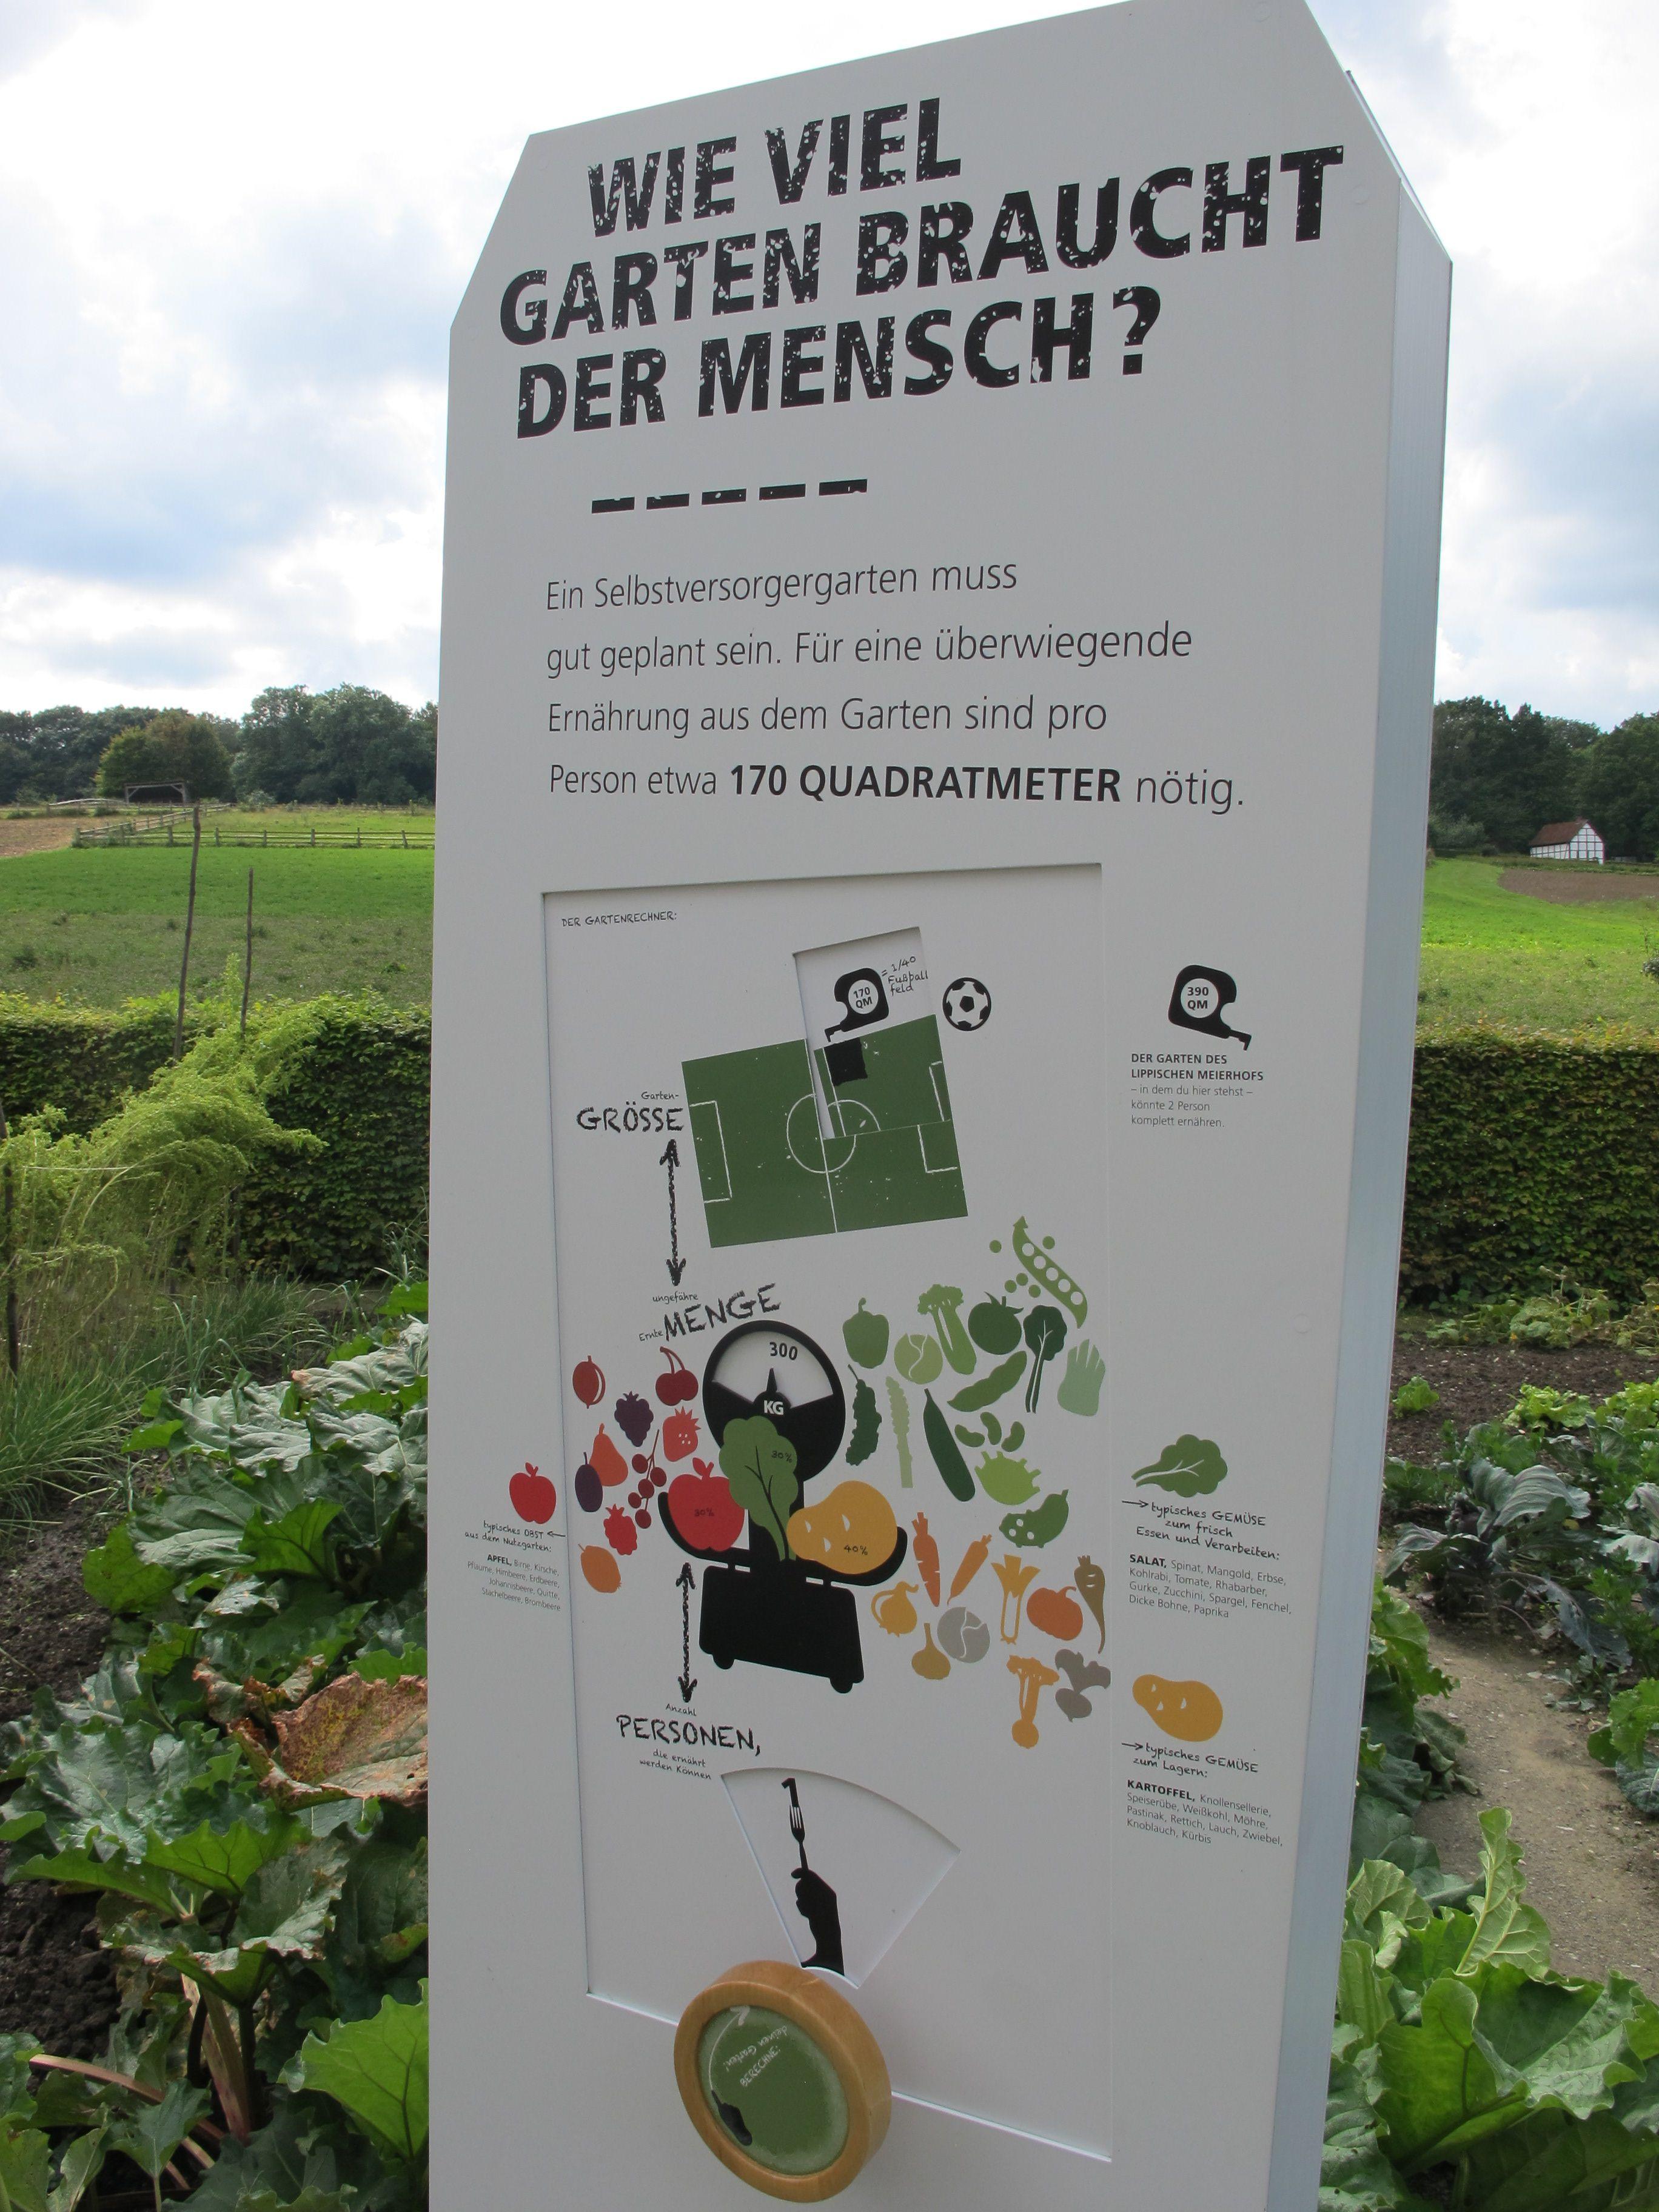 Wieviel Garten Braucht Der Mensch Freilichtmuseum Detmold Freilichtmuseum Detmold